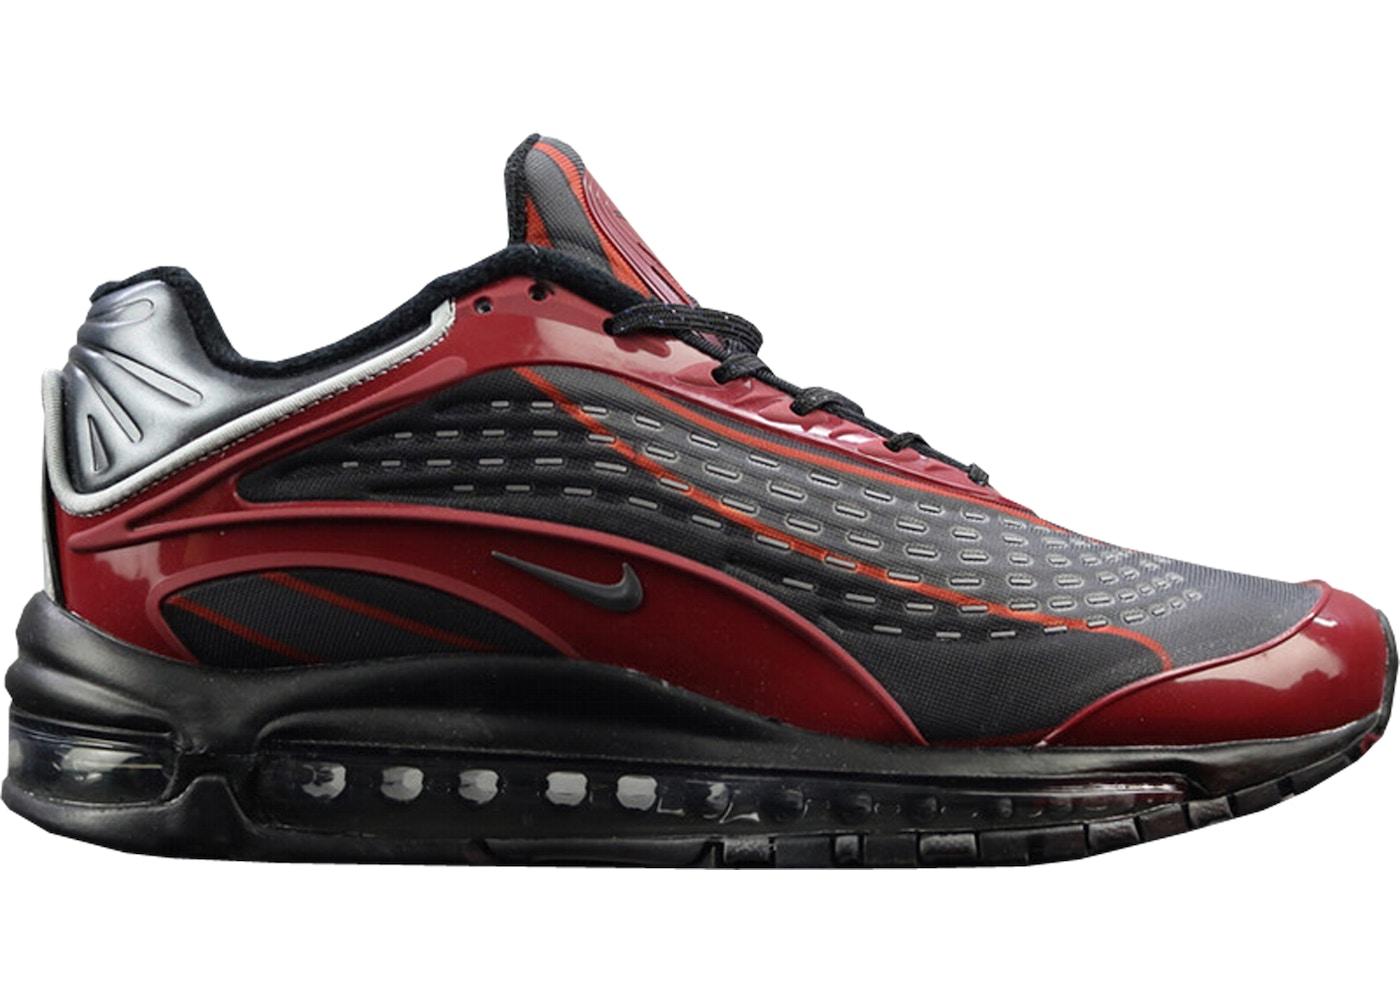 Nike Air Max Deluxe x Skepta BLACKBLACK DEEP RED